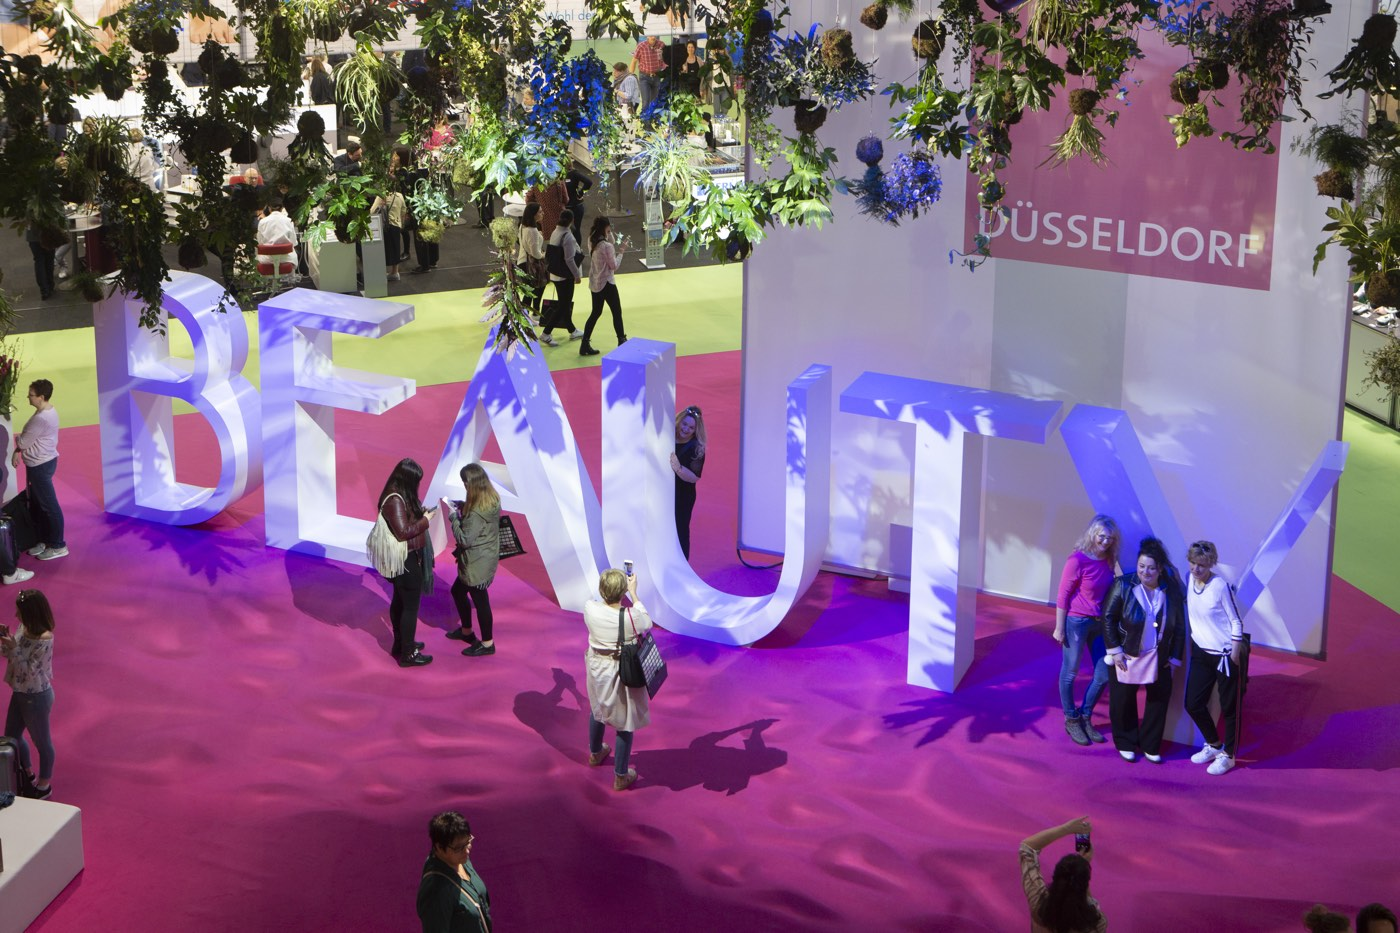 Beauty Düsseldorf 2019. Und die Schminktante mittendrin. Eine kleine Rückschau auf 3 spannende Tage auf der größten deutschen Fachmesse für Beautyangelegenheiten.